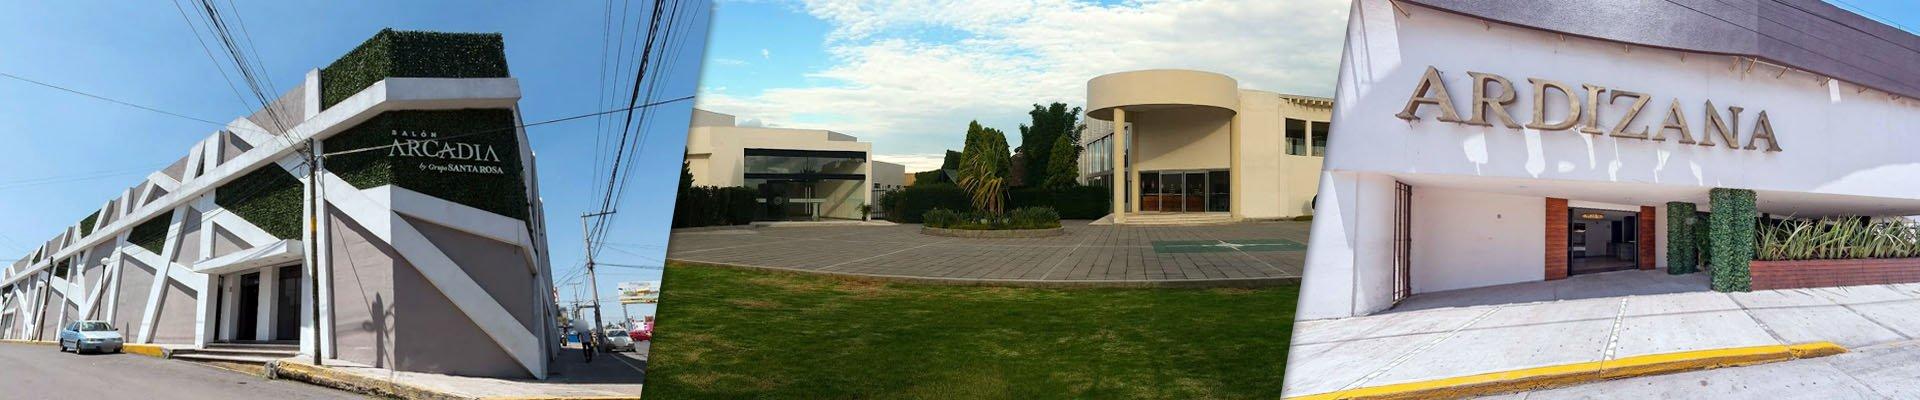 Salones de Eventos en Puebla de Grupo Santa Rosa